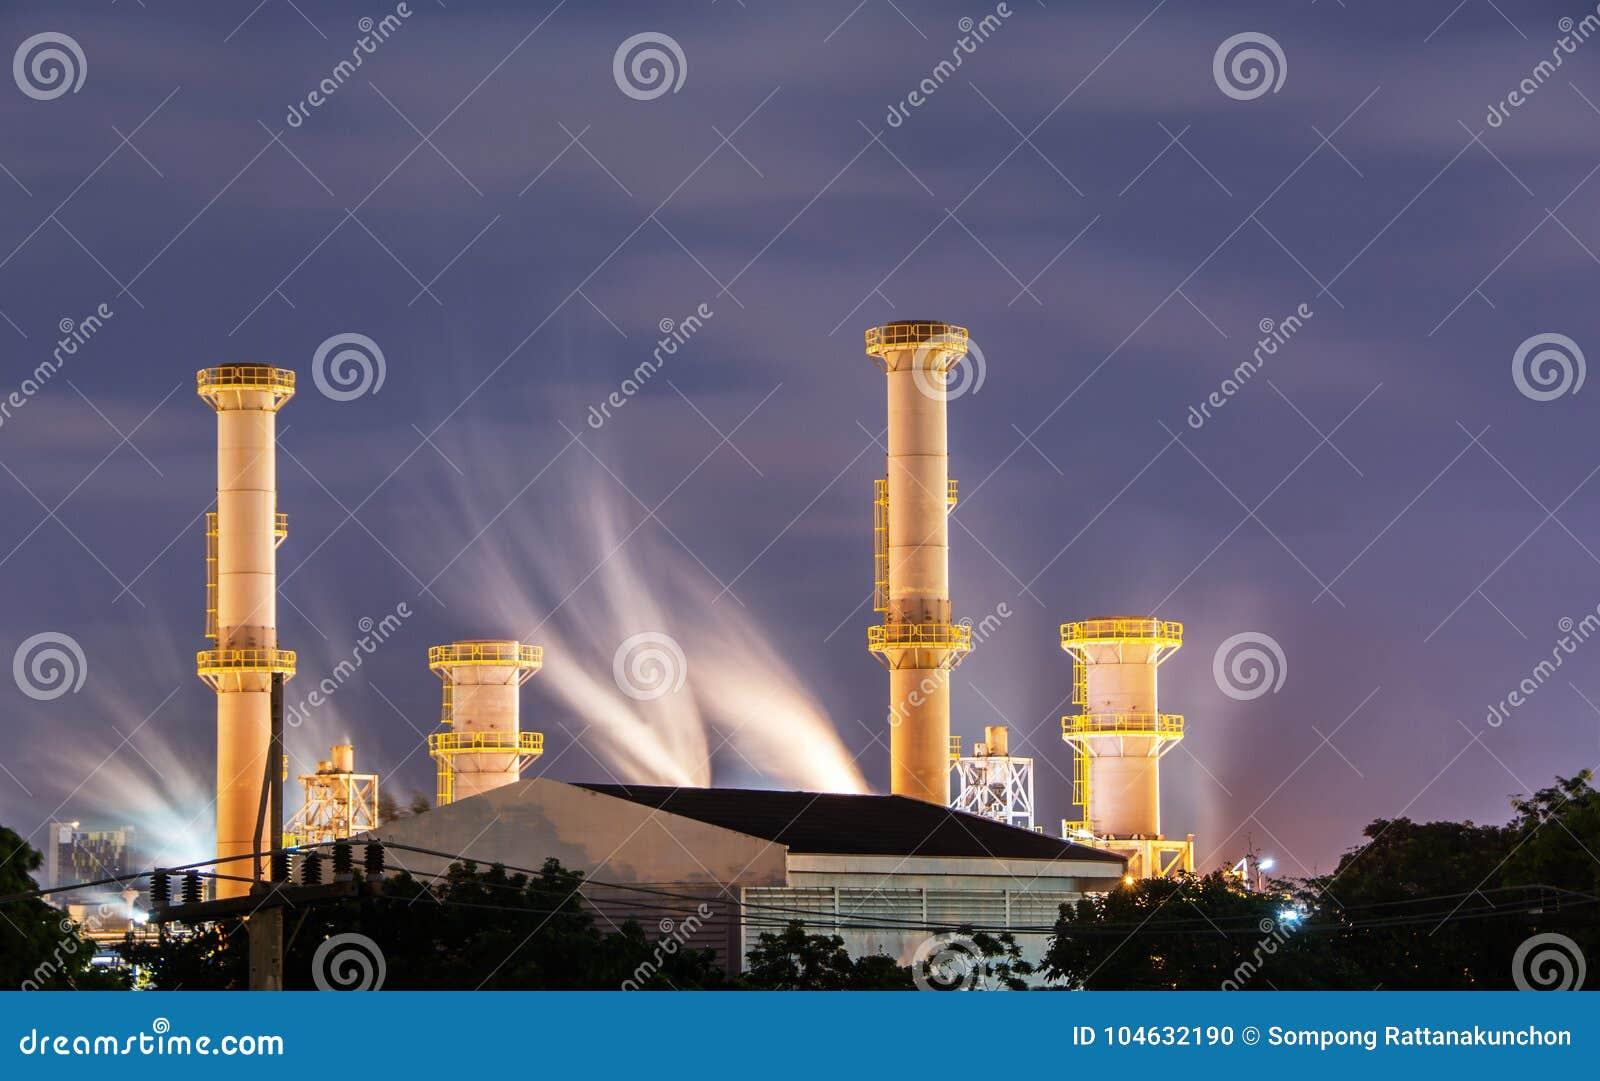 Download Aardgasfabriek in nacht stock foto. Afbeelding bestaande uit techniek - 104632190